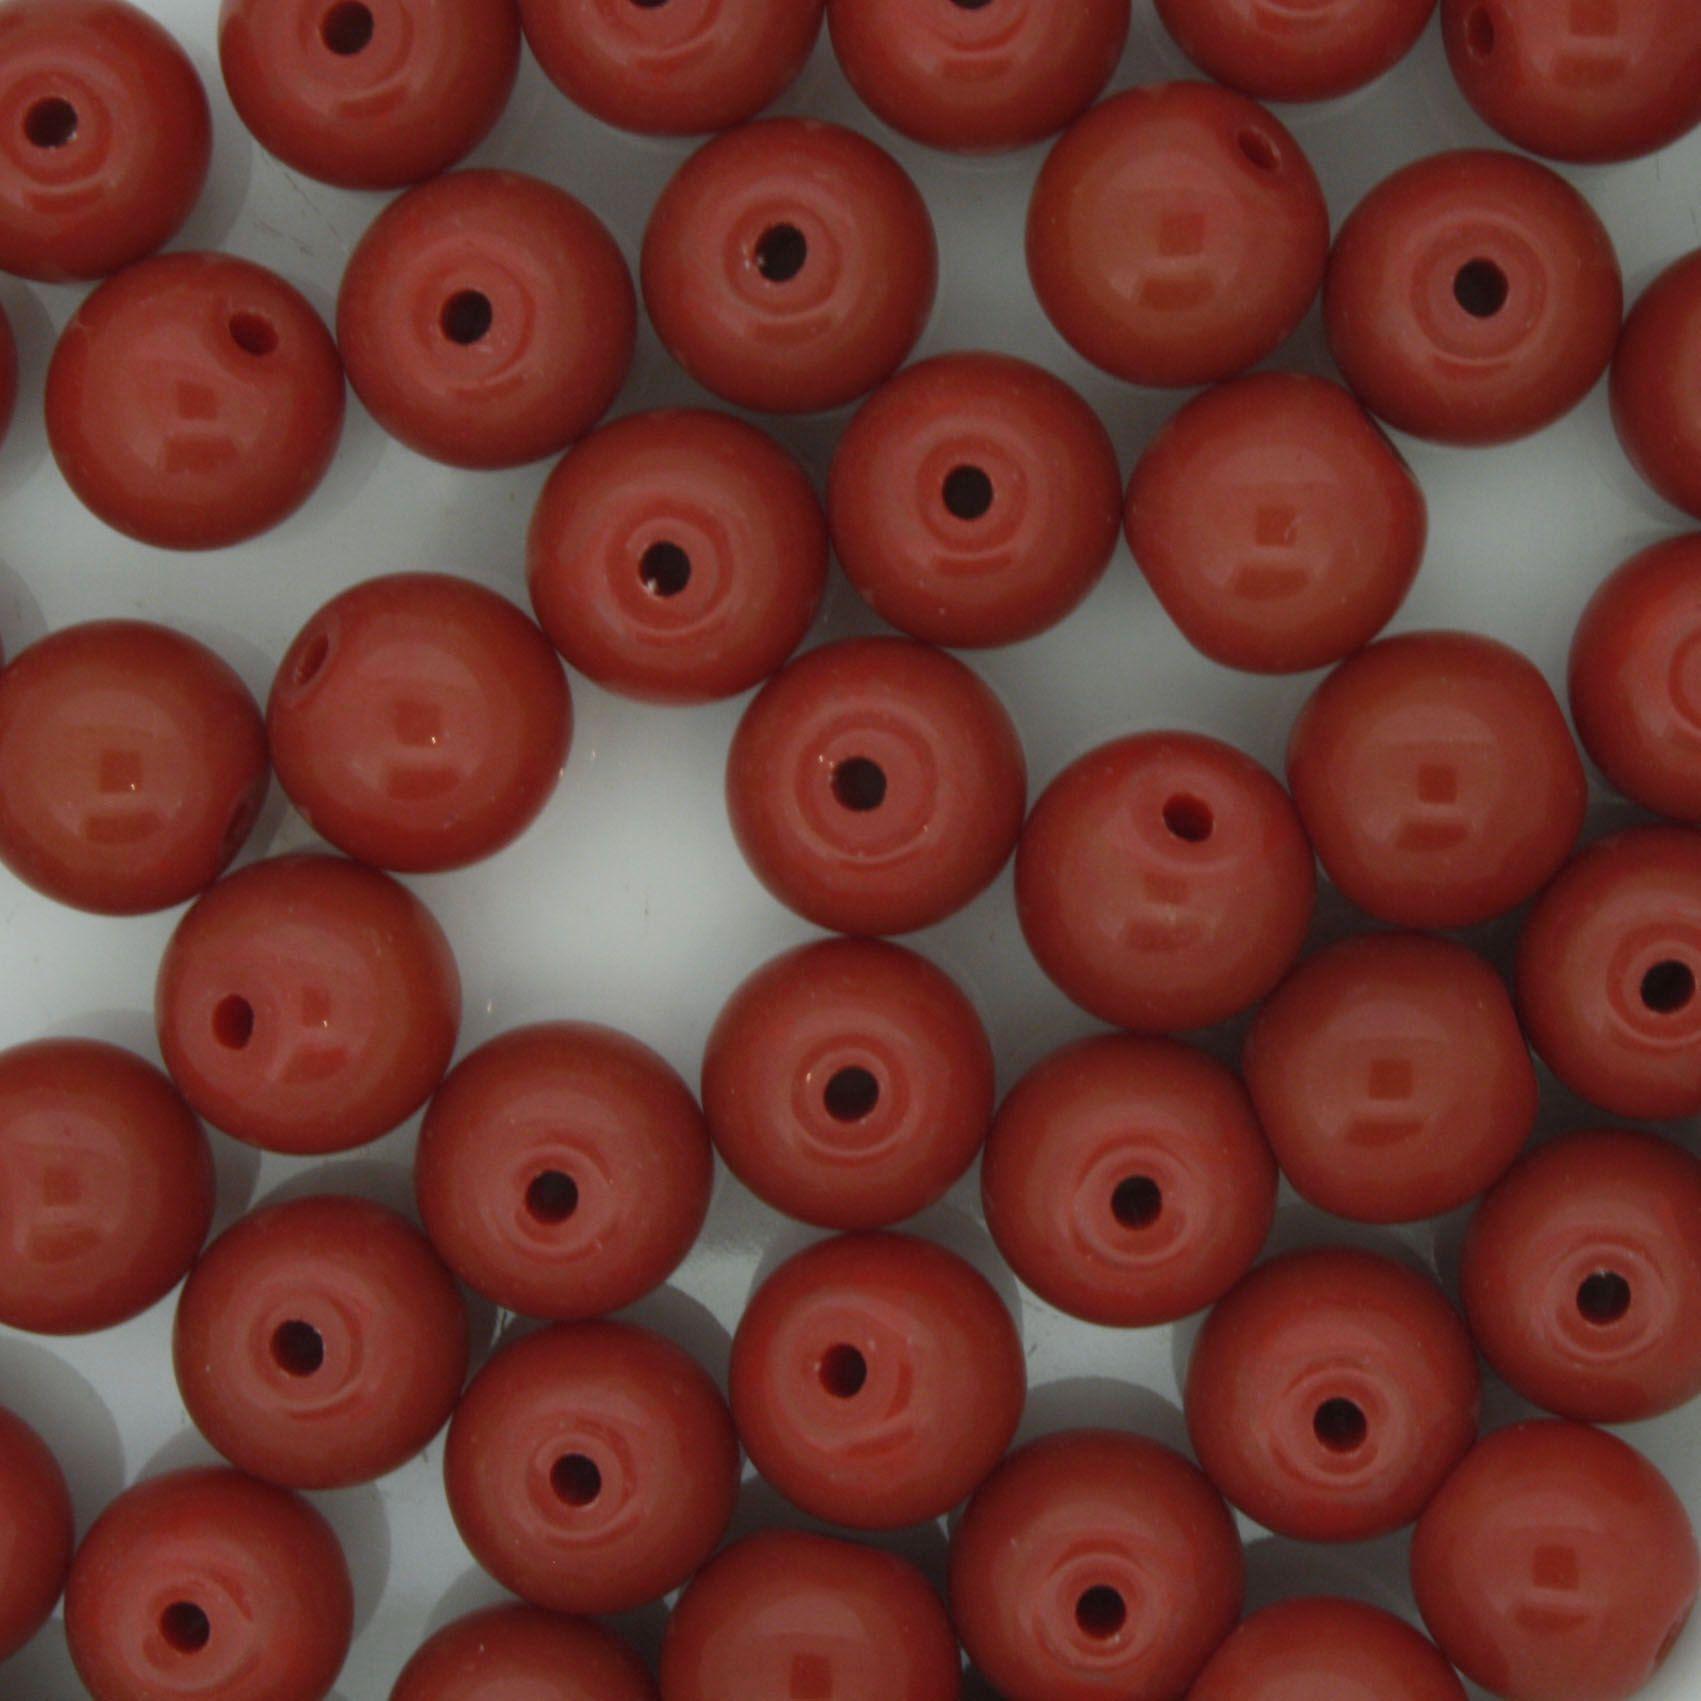 Contas de Porcellana® - Vermelha Escura - 8mm  - Universo Religioso® - Artigos de Umbanda e Candomblé